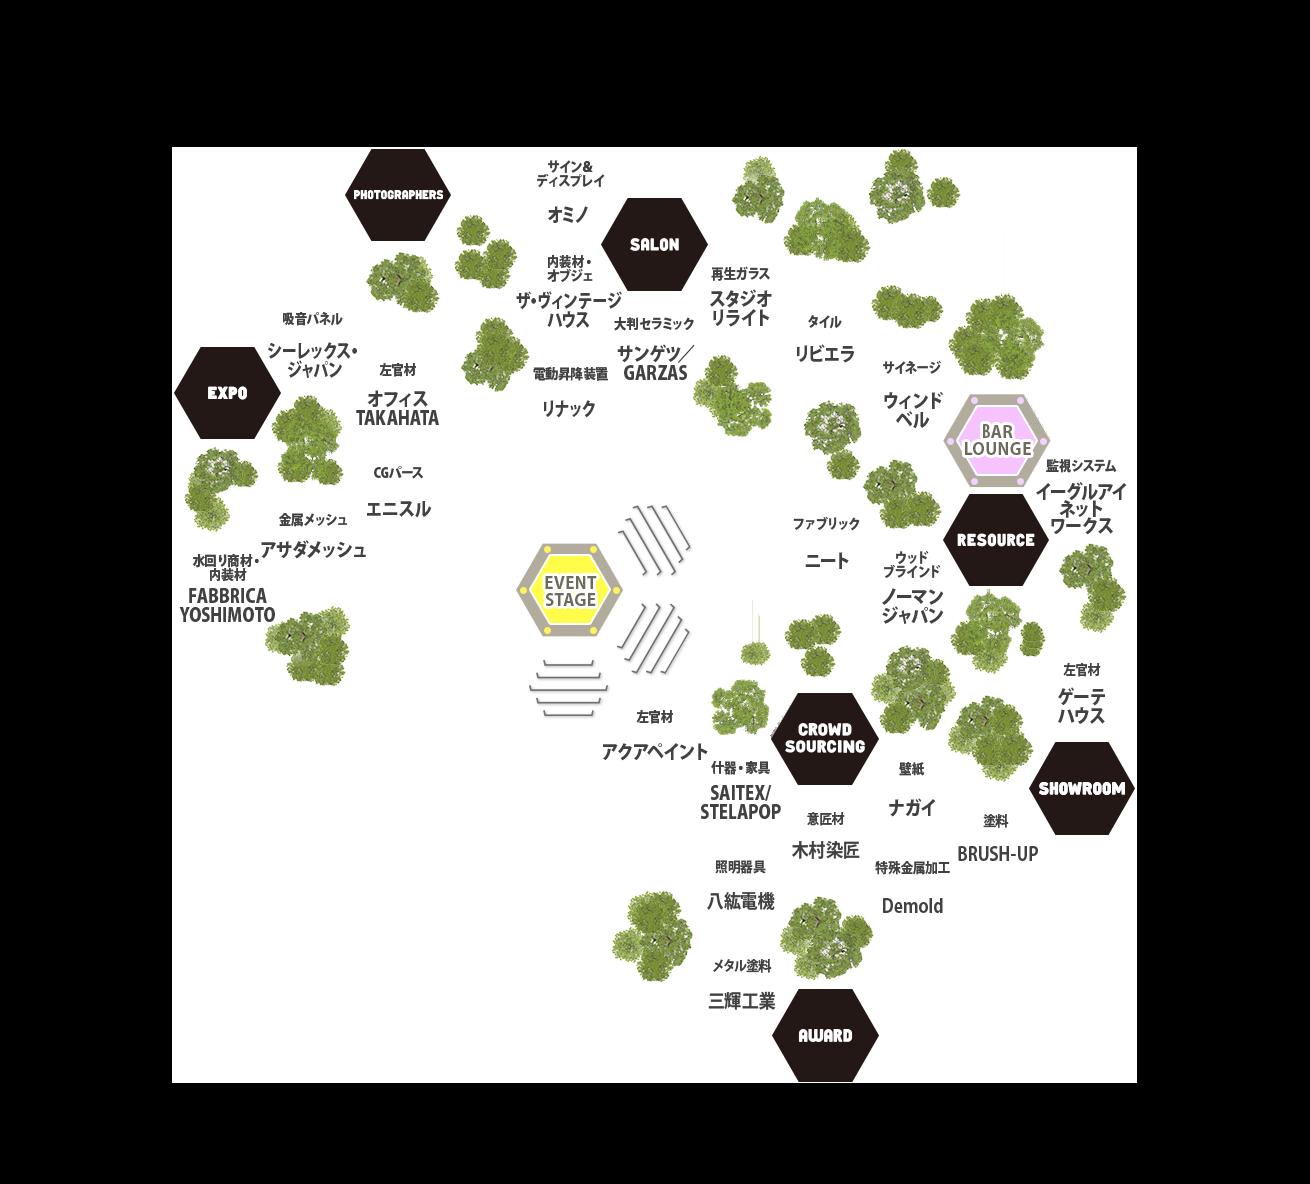 BAMBOO EXPO onweb map